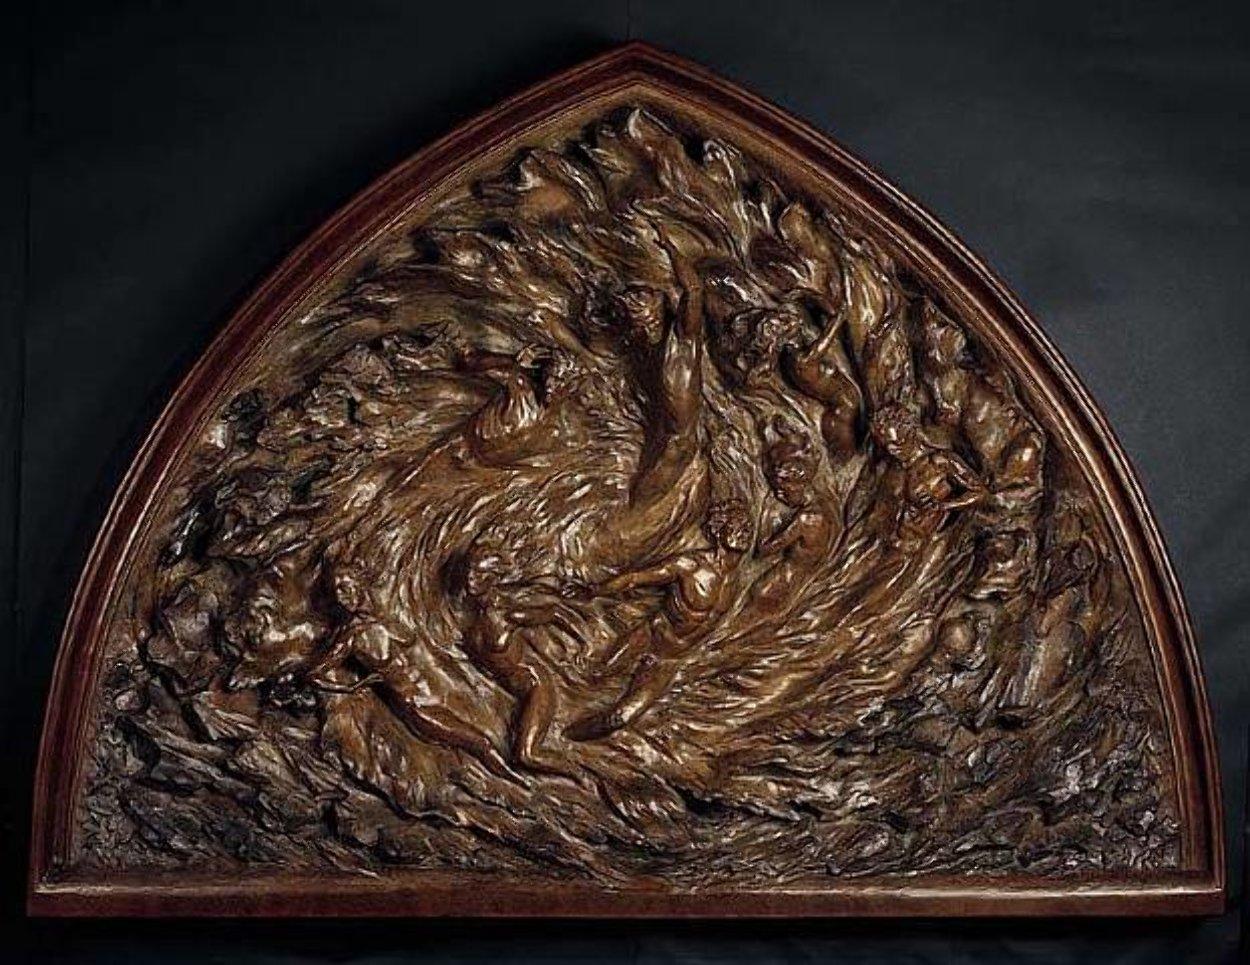 Ex Nihilo Bronze Sculpture Working Model 60 in Sculpture by Frederick Hart